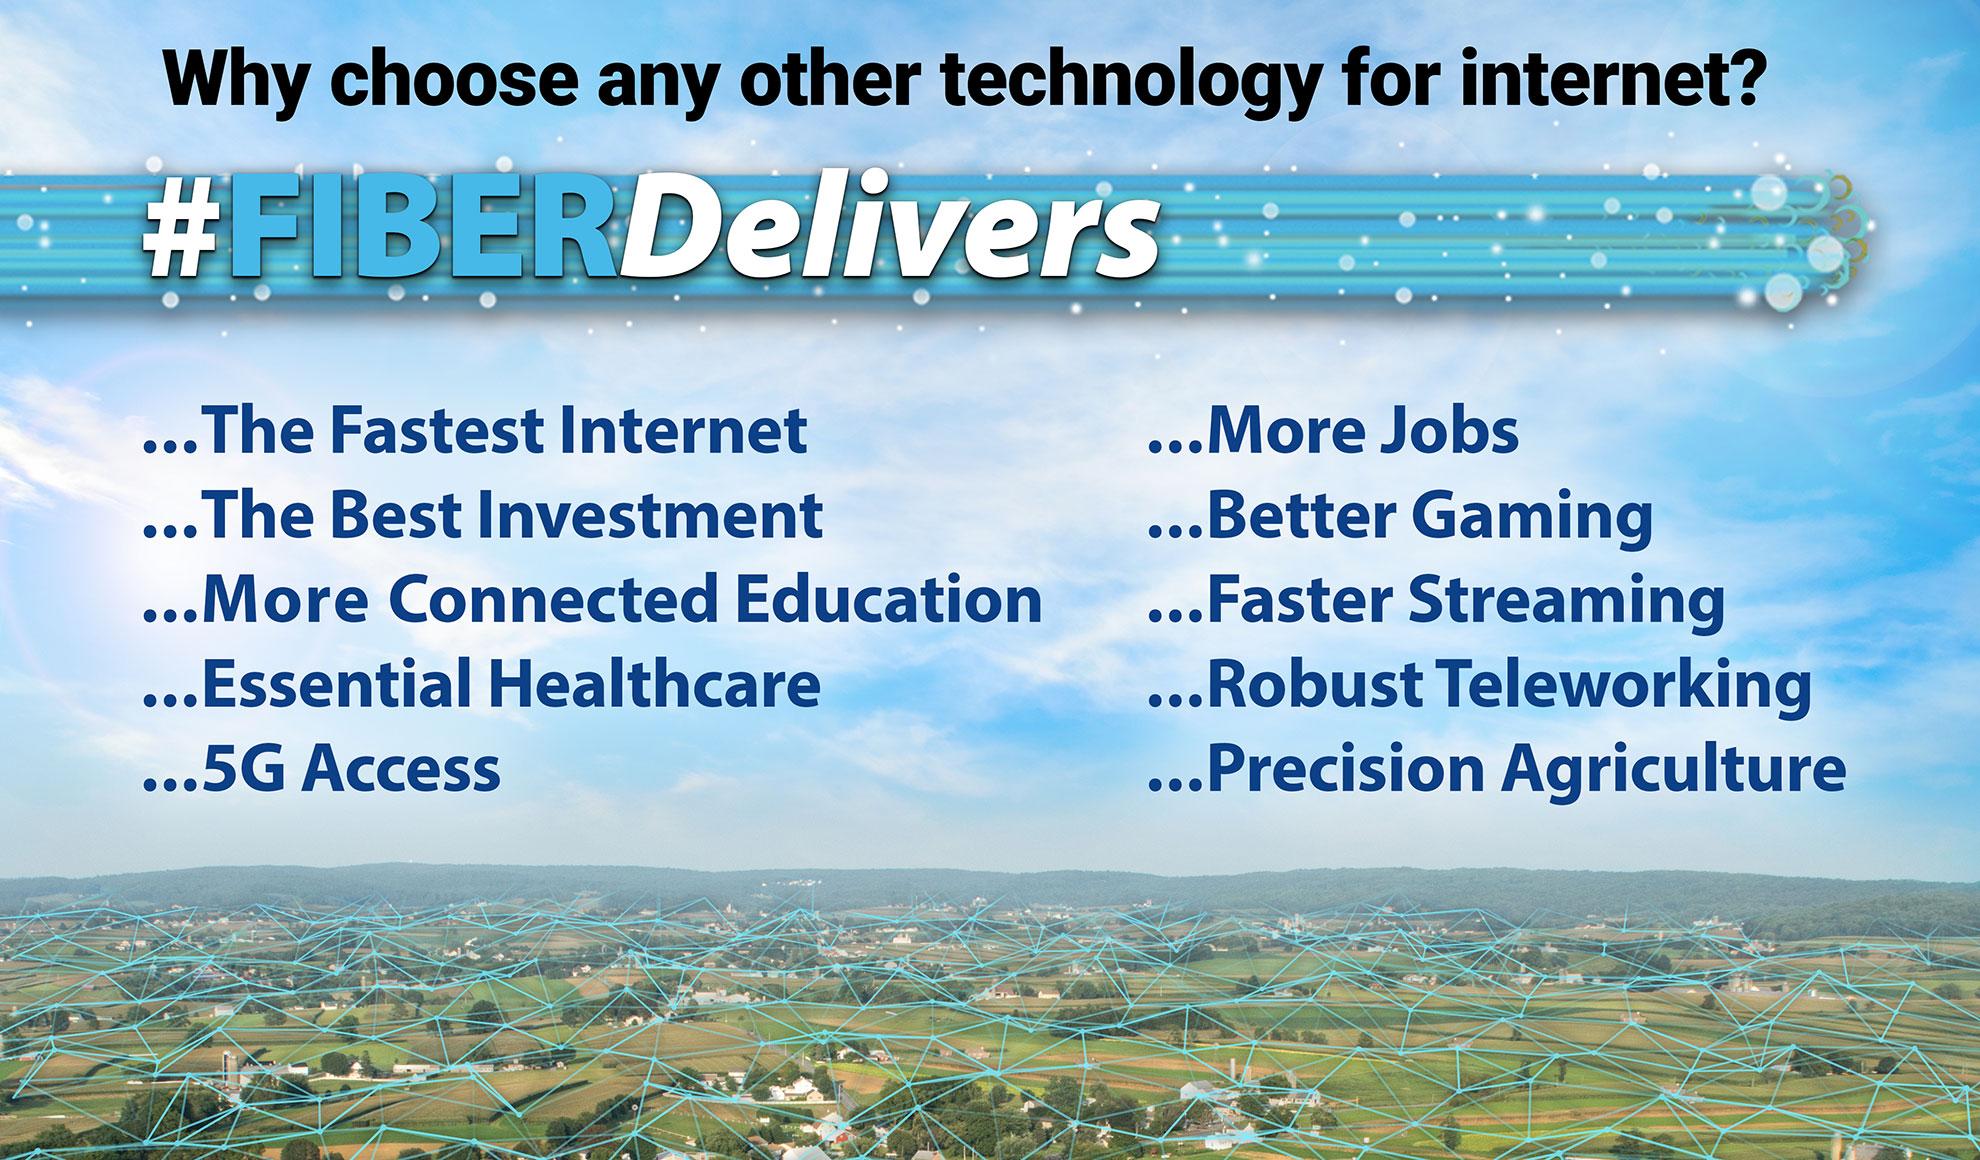 Fiber delivers